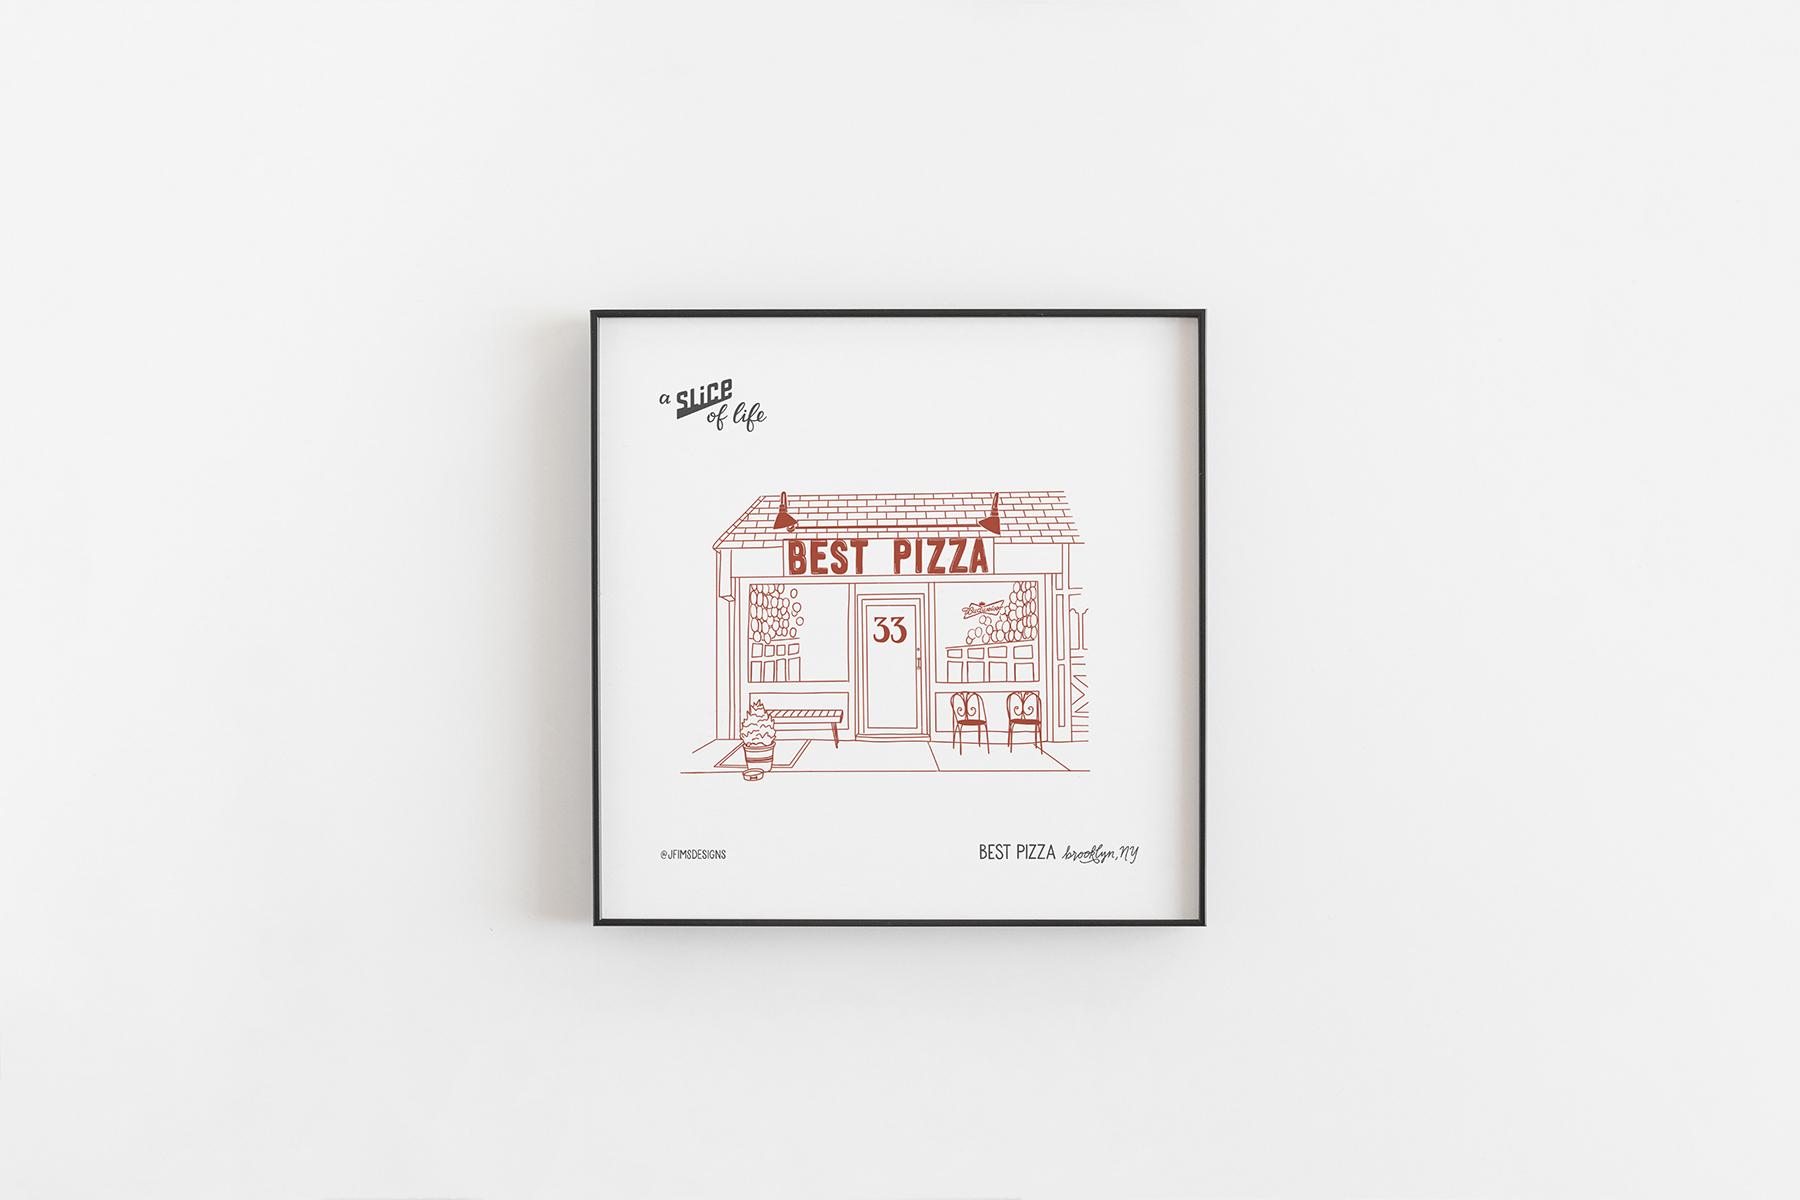 Best Pizza Square Frame.jpg